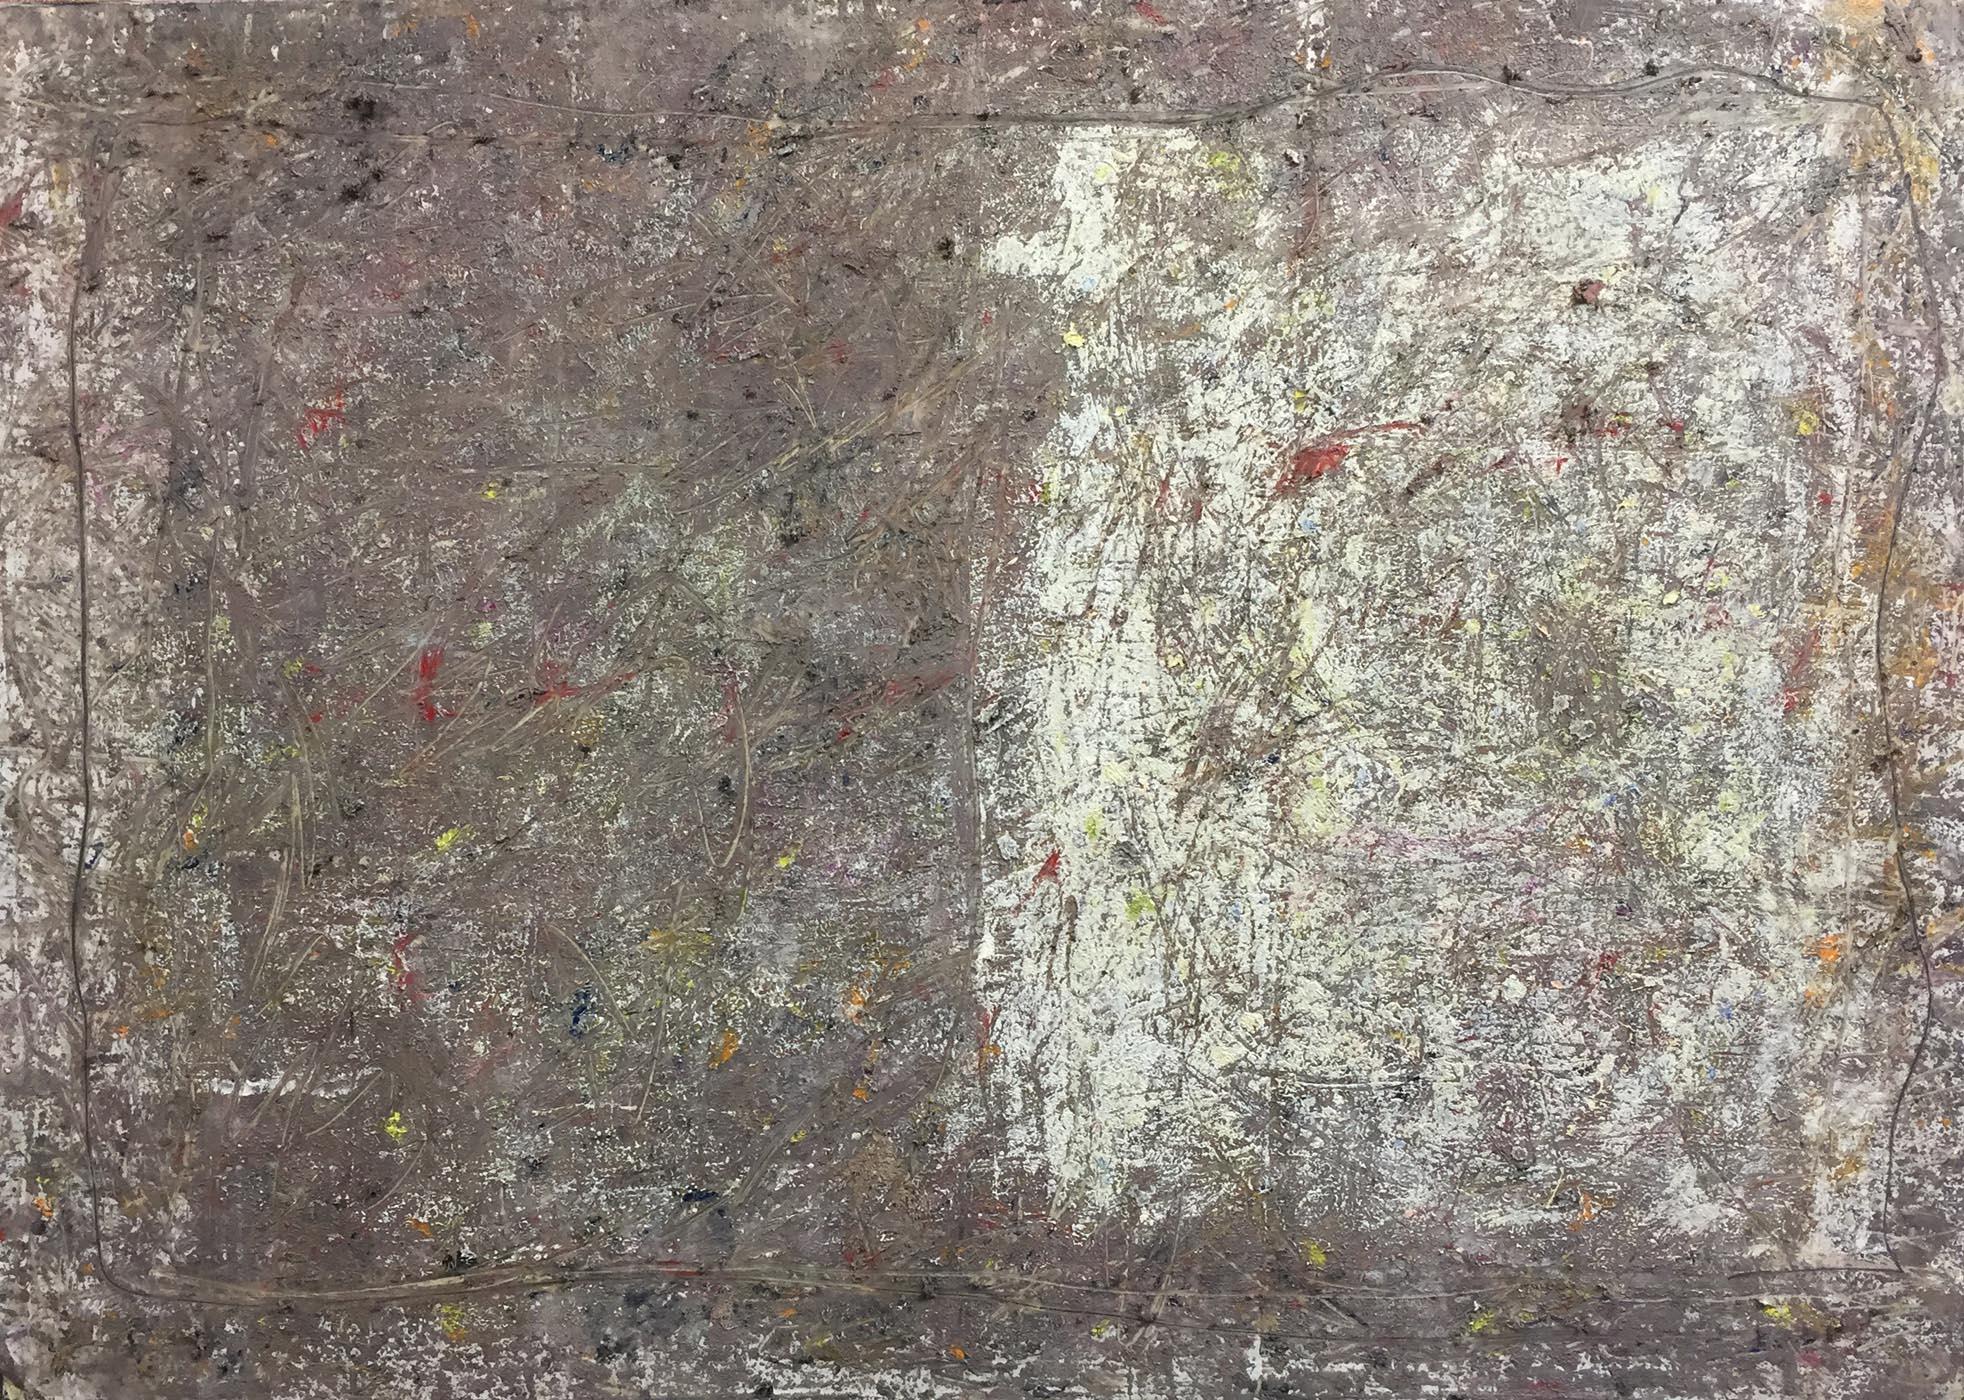 MARC FELD 2019 RUINS AND GLIMMERS Huile, acrylique et mine de plomb sur papier 112 x 80 cm